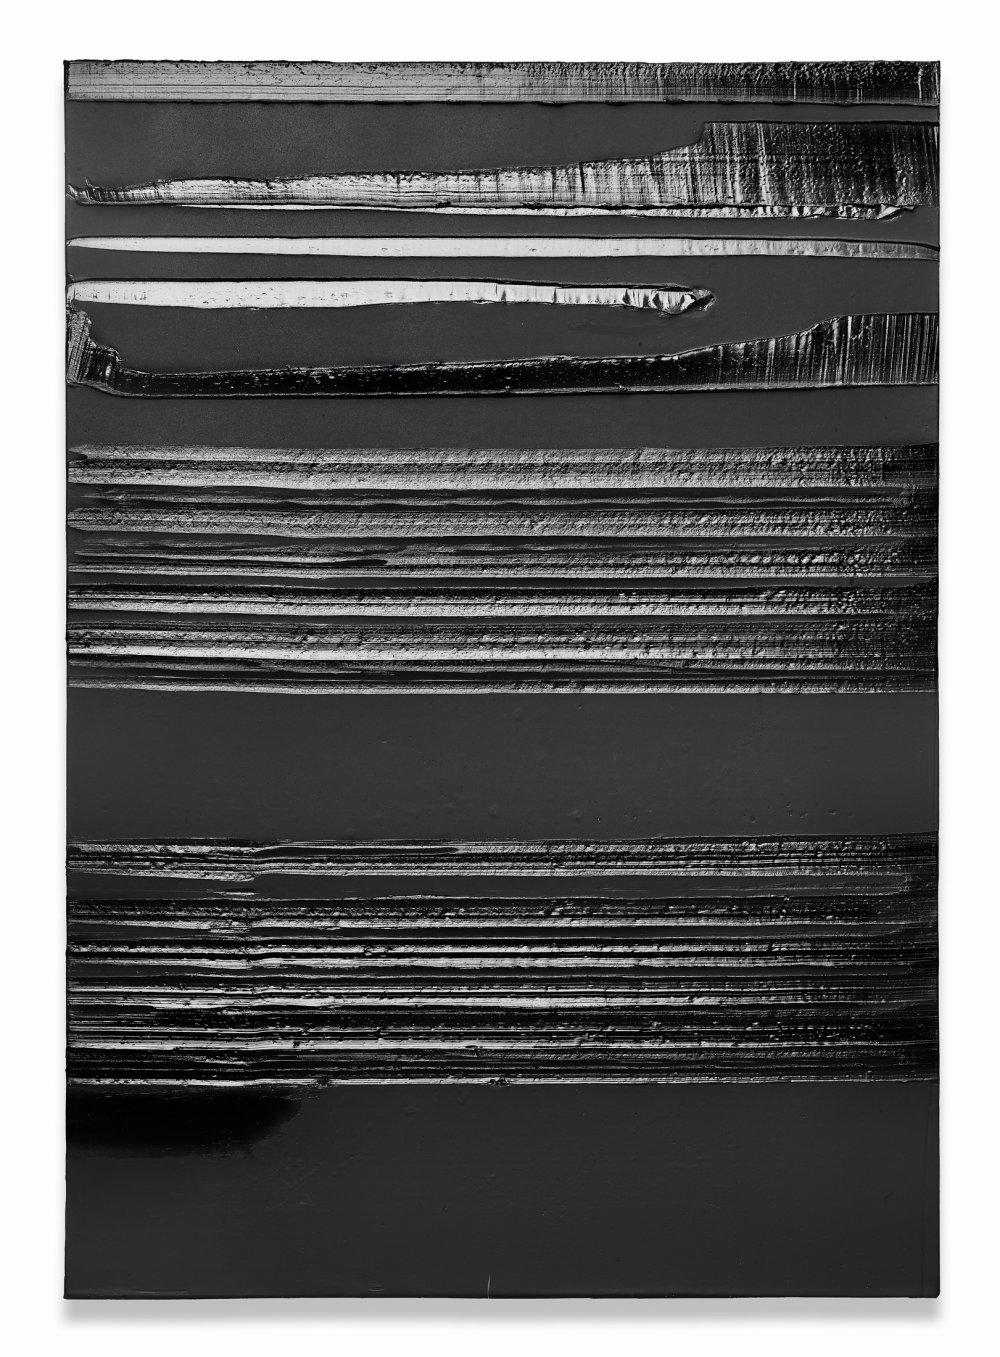 Peinture 181 x 128 cm, 26 juillet 2020